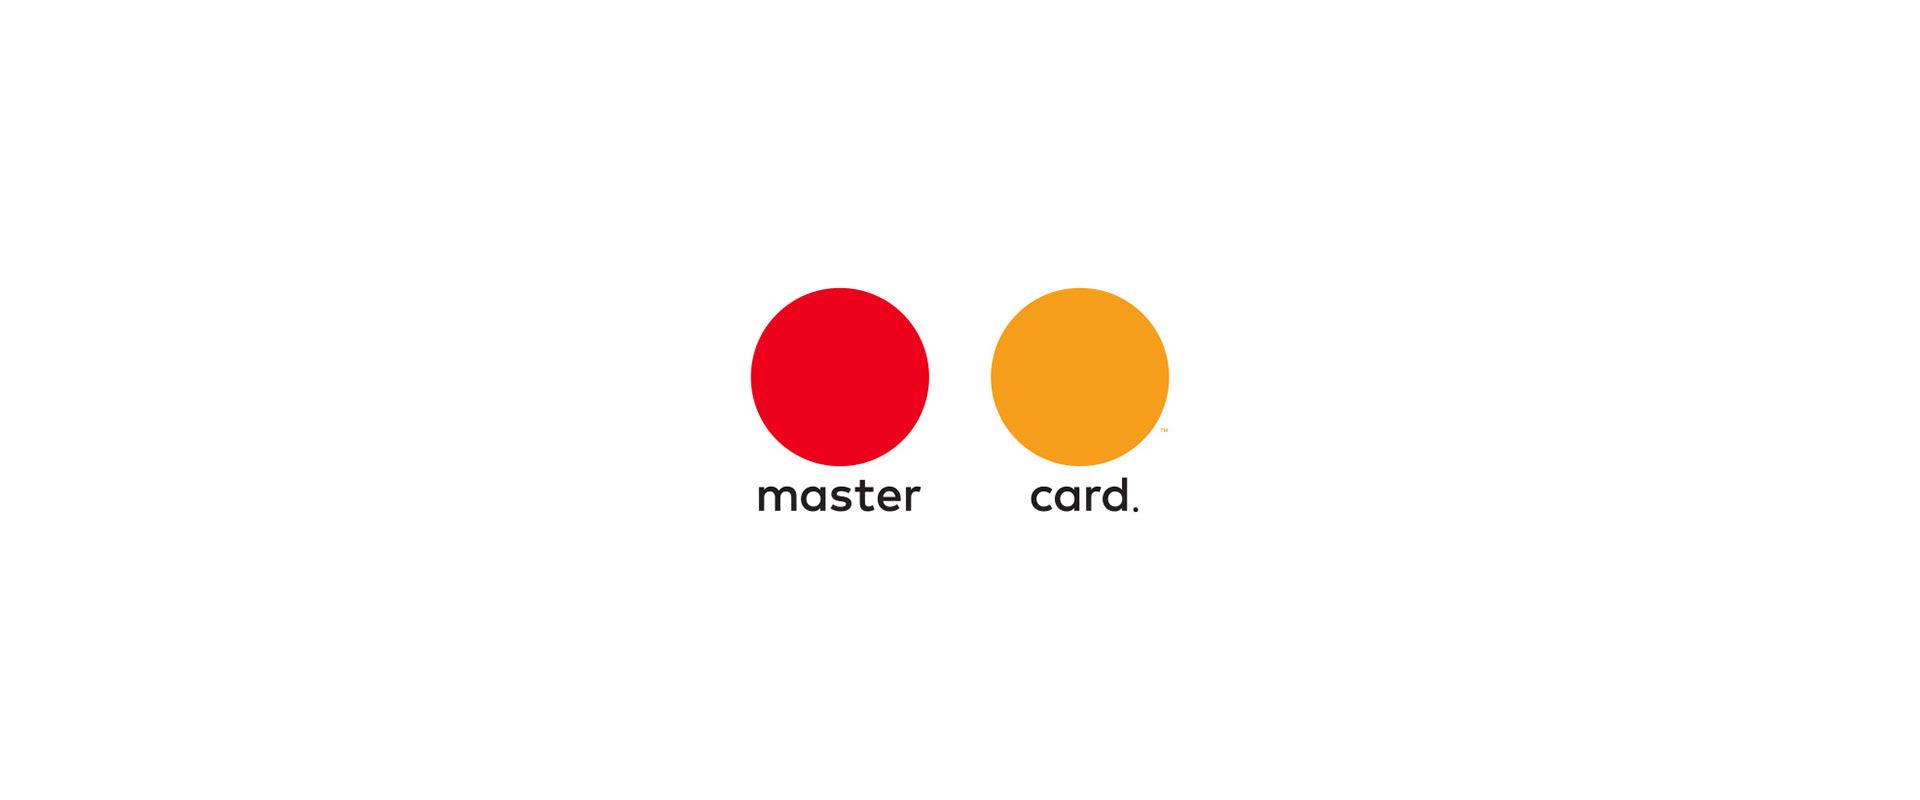 Redesain Mastercard Covid19